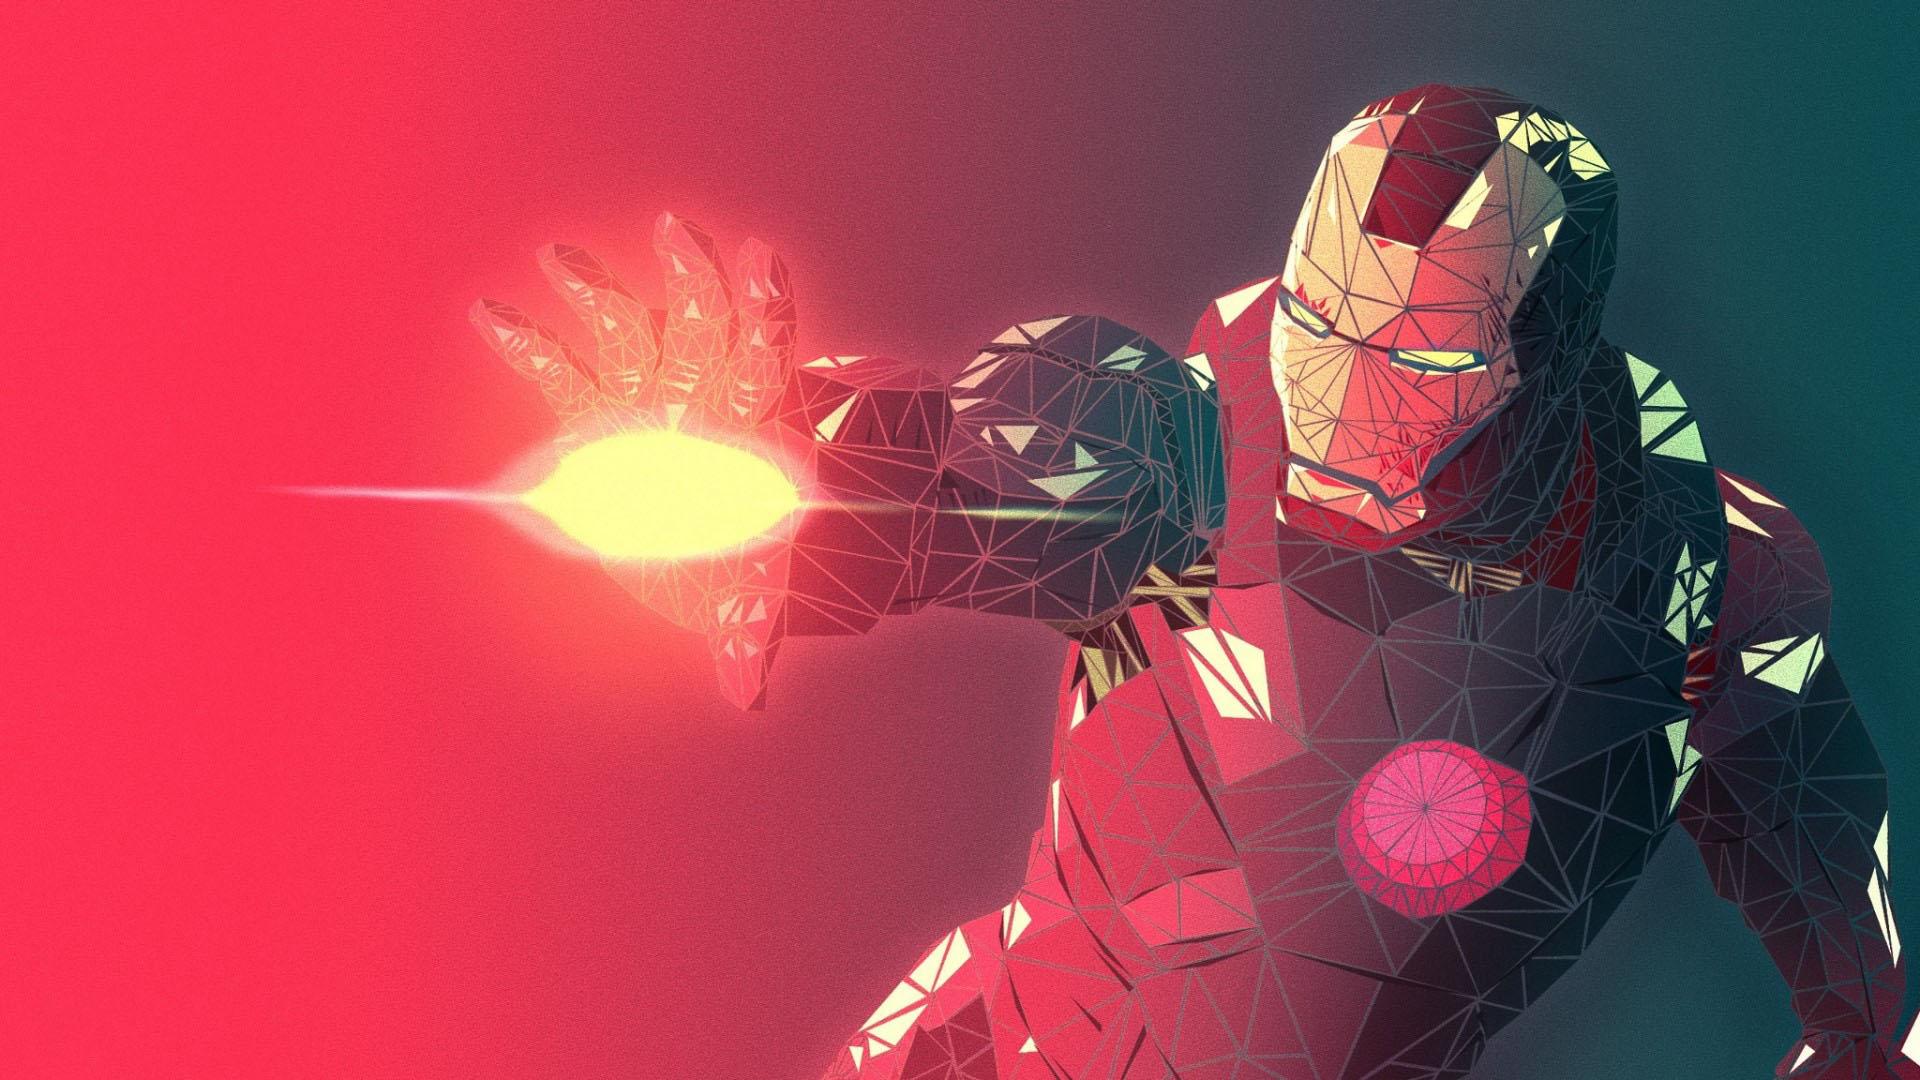 Hình nền iron man màu đỏ